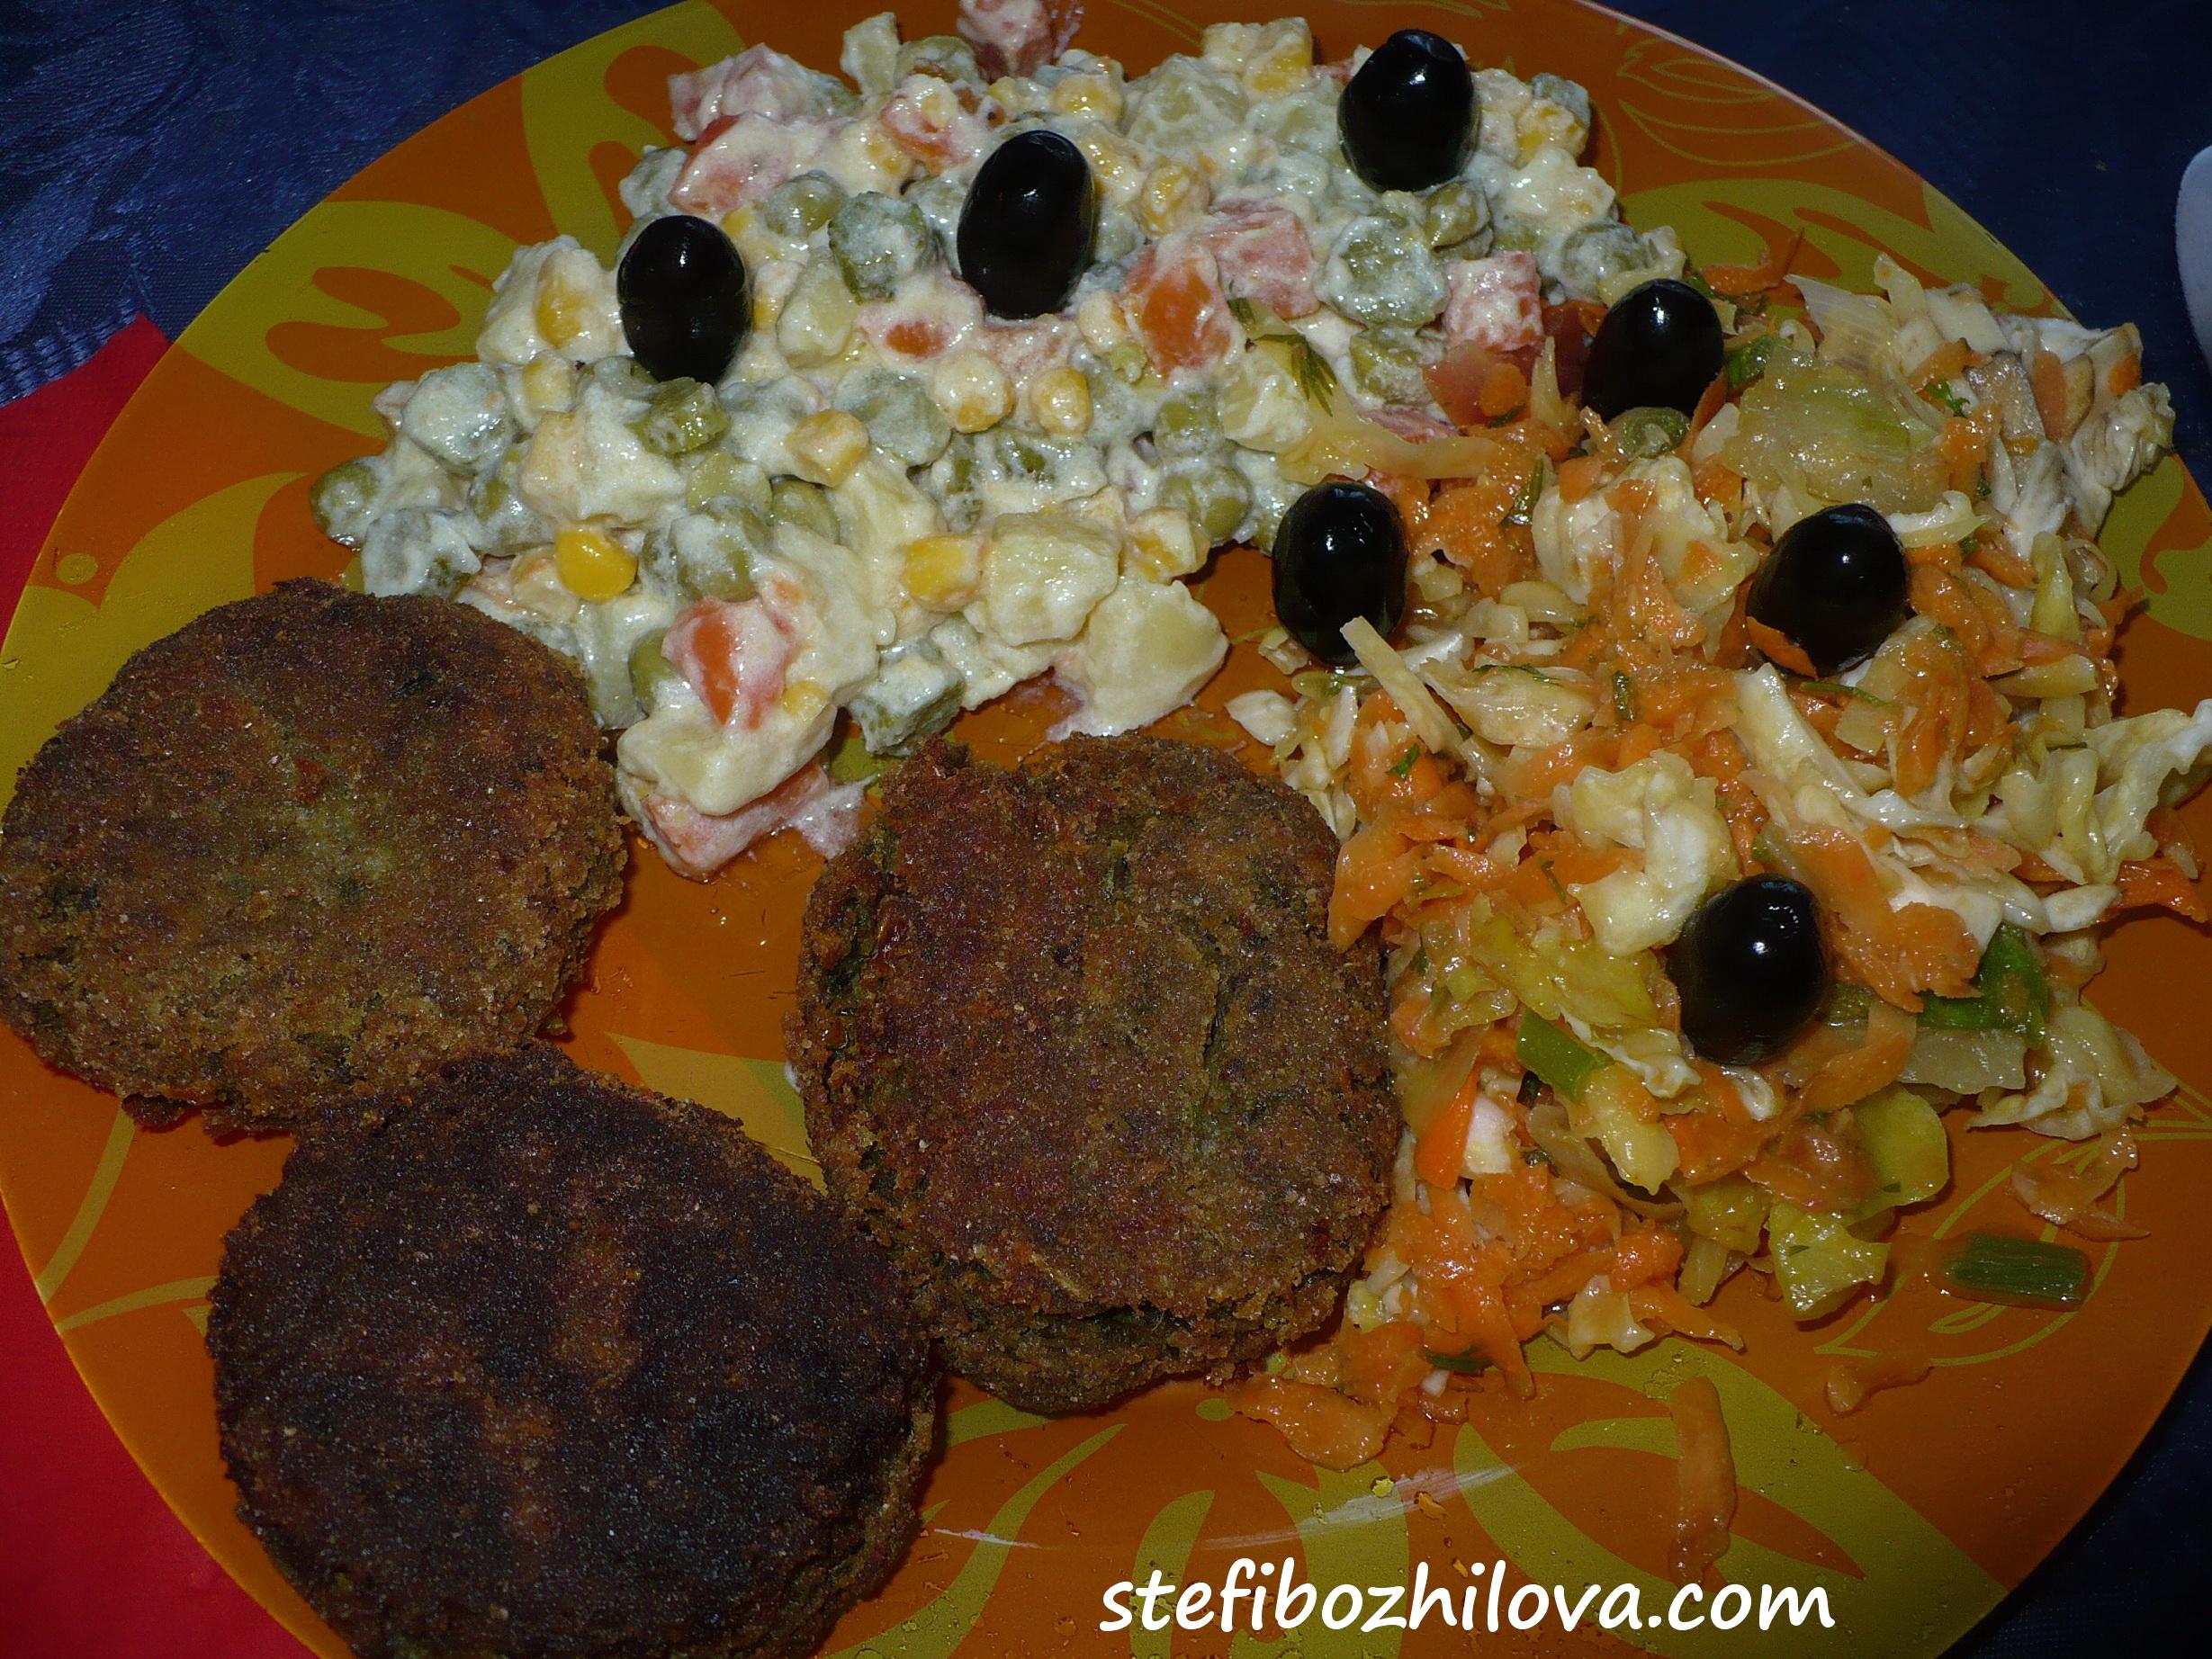 Lentils balls, Russian salad